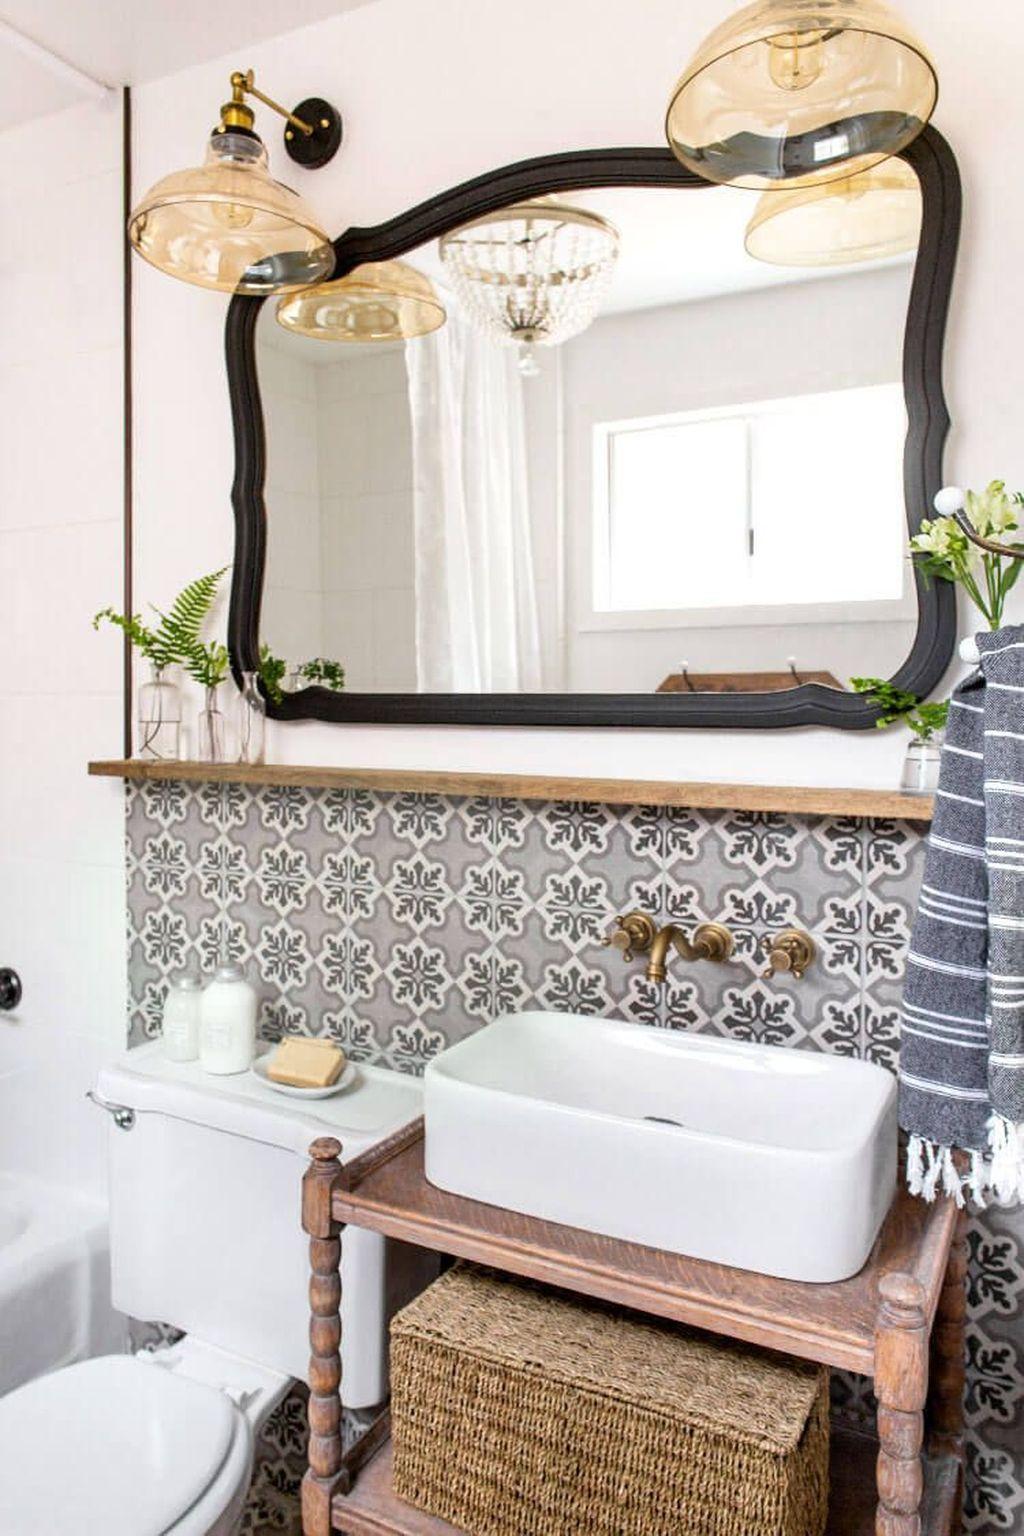 35 Amazing Spanish Style Bathroom Tile Ideas | Spanish style ...